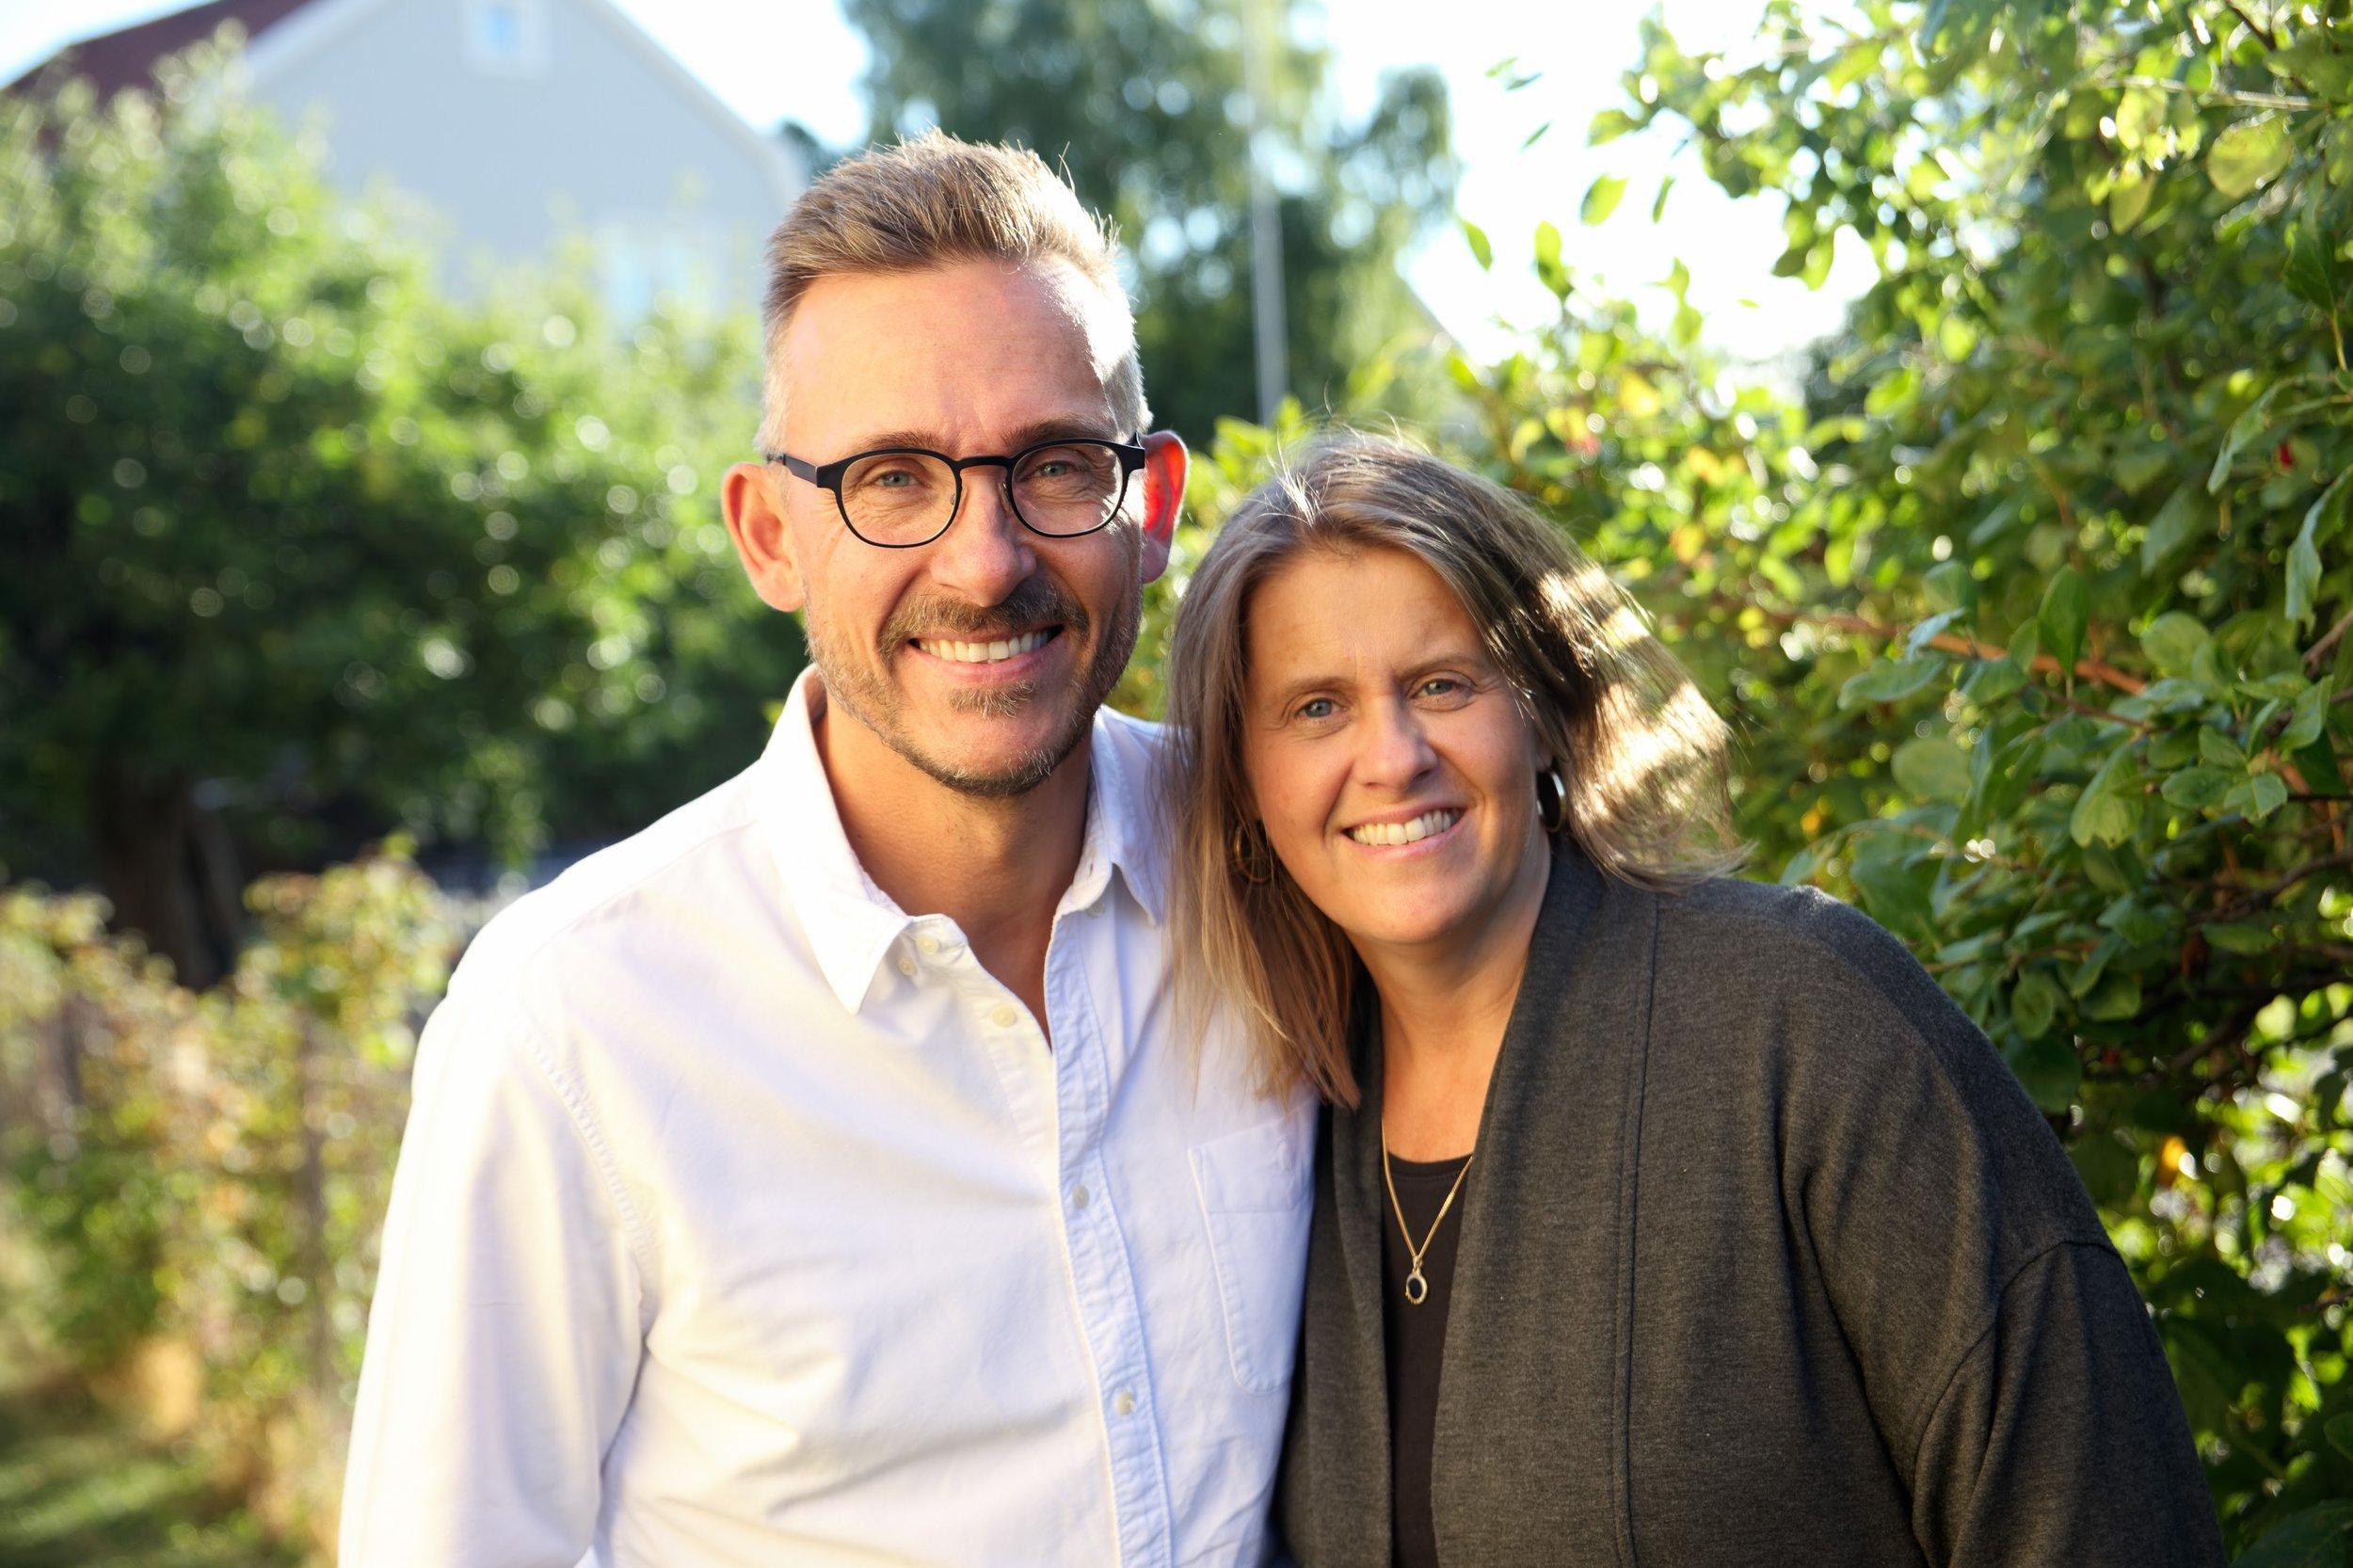 """Våra Pastorer - Per-Johan och Ulrica Stenstrand har tjänat Lifecenter sedan starten år 2000.""""Det är en verklig förmån för oss att vara pastorer i Lifecenter. Hela det team av människor som vi får göra kyrka med varje dag inspirerar oss framåt. Lifecenter är drömmen om en kyrka där våra barn skulle kunna trivas och växa i sin tro. Våra barn som nu är vuxna och gifta: Robert med Amanda, Victoria med Luke fortsätter drömma samma dröm."""""""